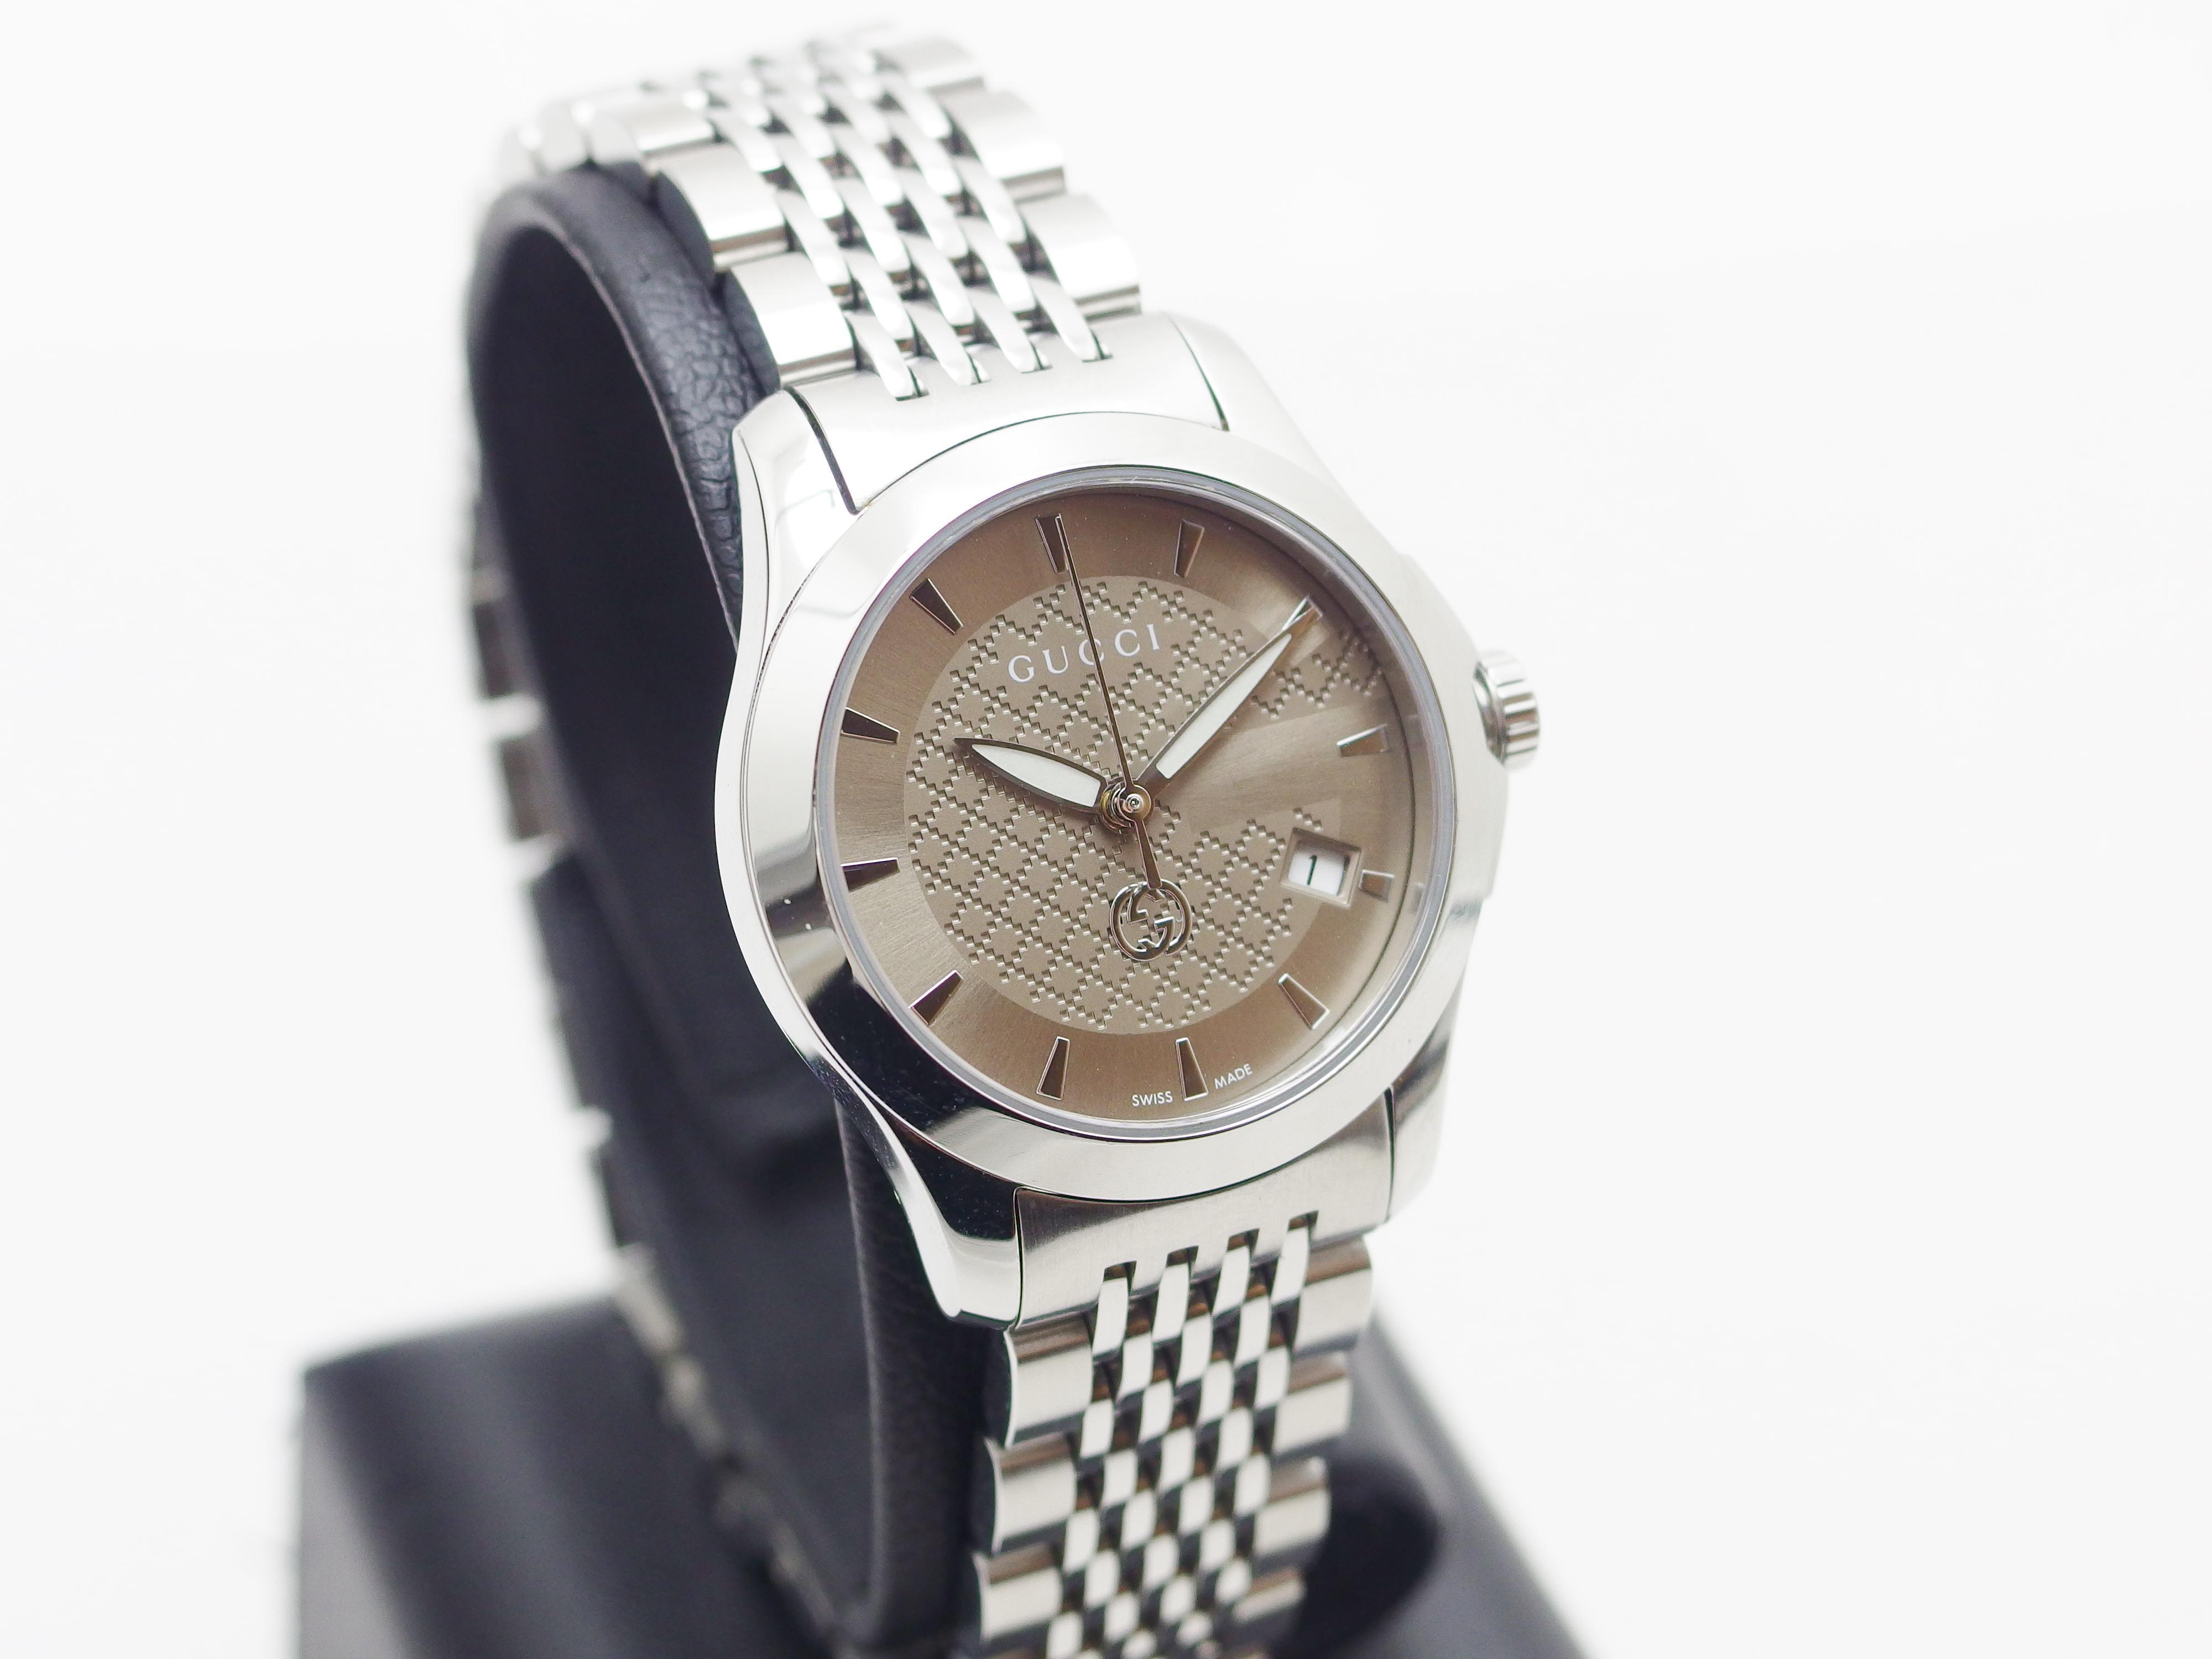 GUCCI グッチ 腕時計 レディース クオーツ SS シャンパンプラウン文字盤 Gタイムレス 【435】